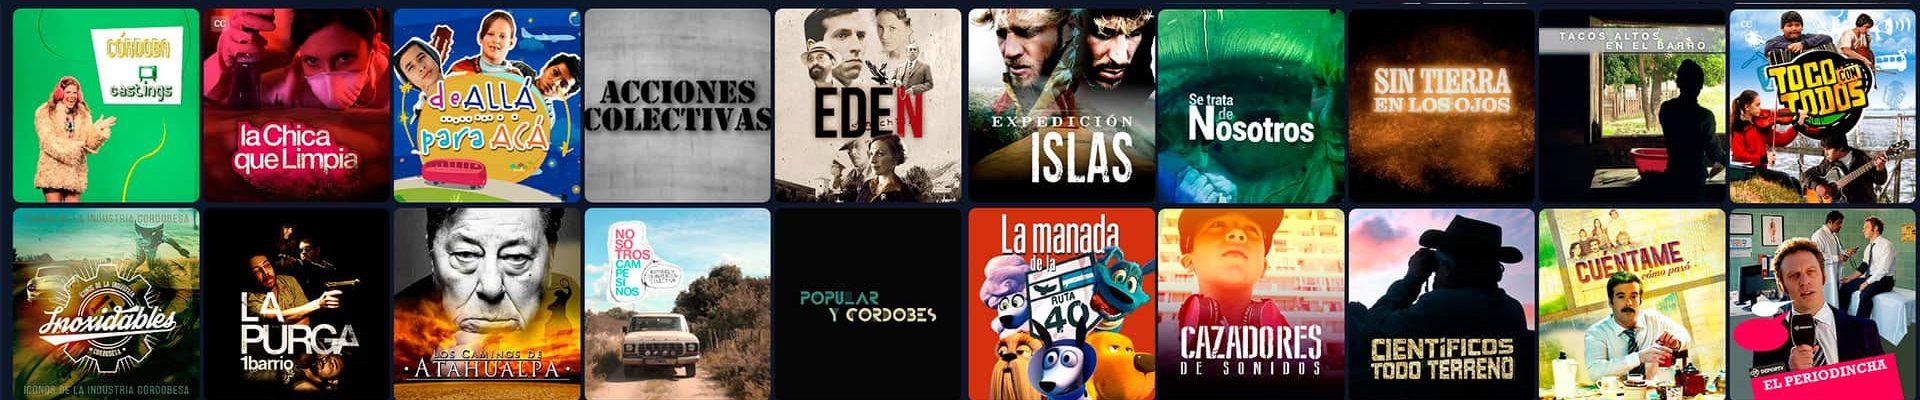 La pandemia trae nuevas formas de ver y producir cine